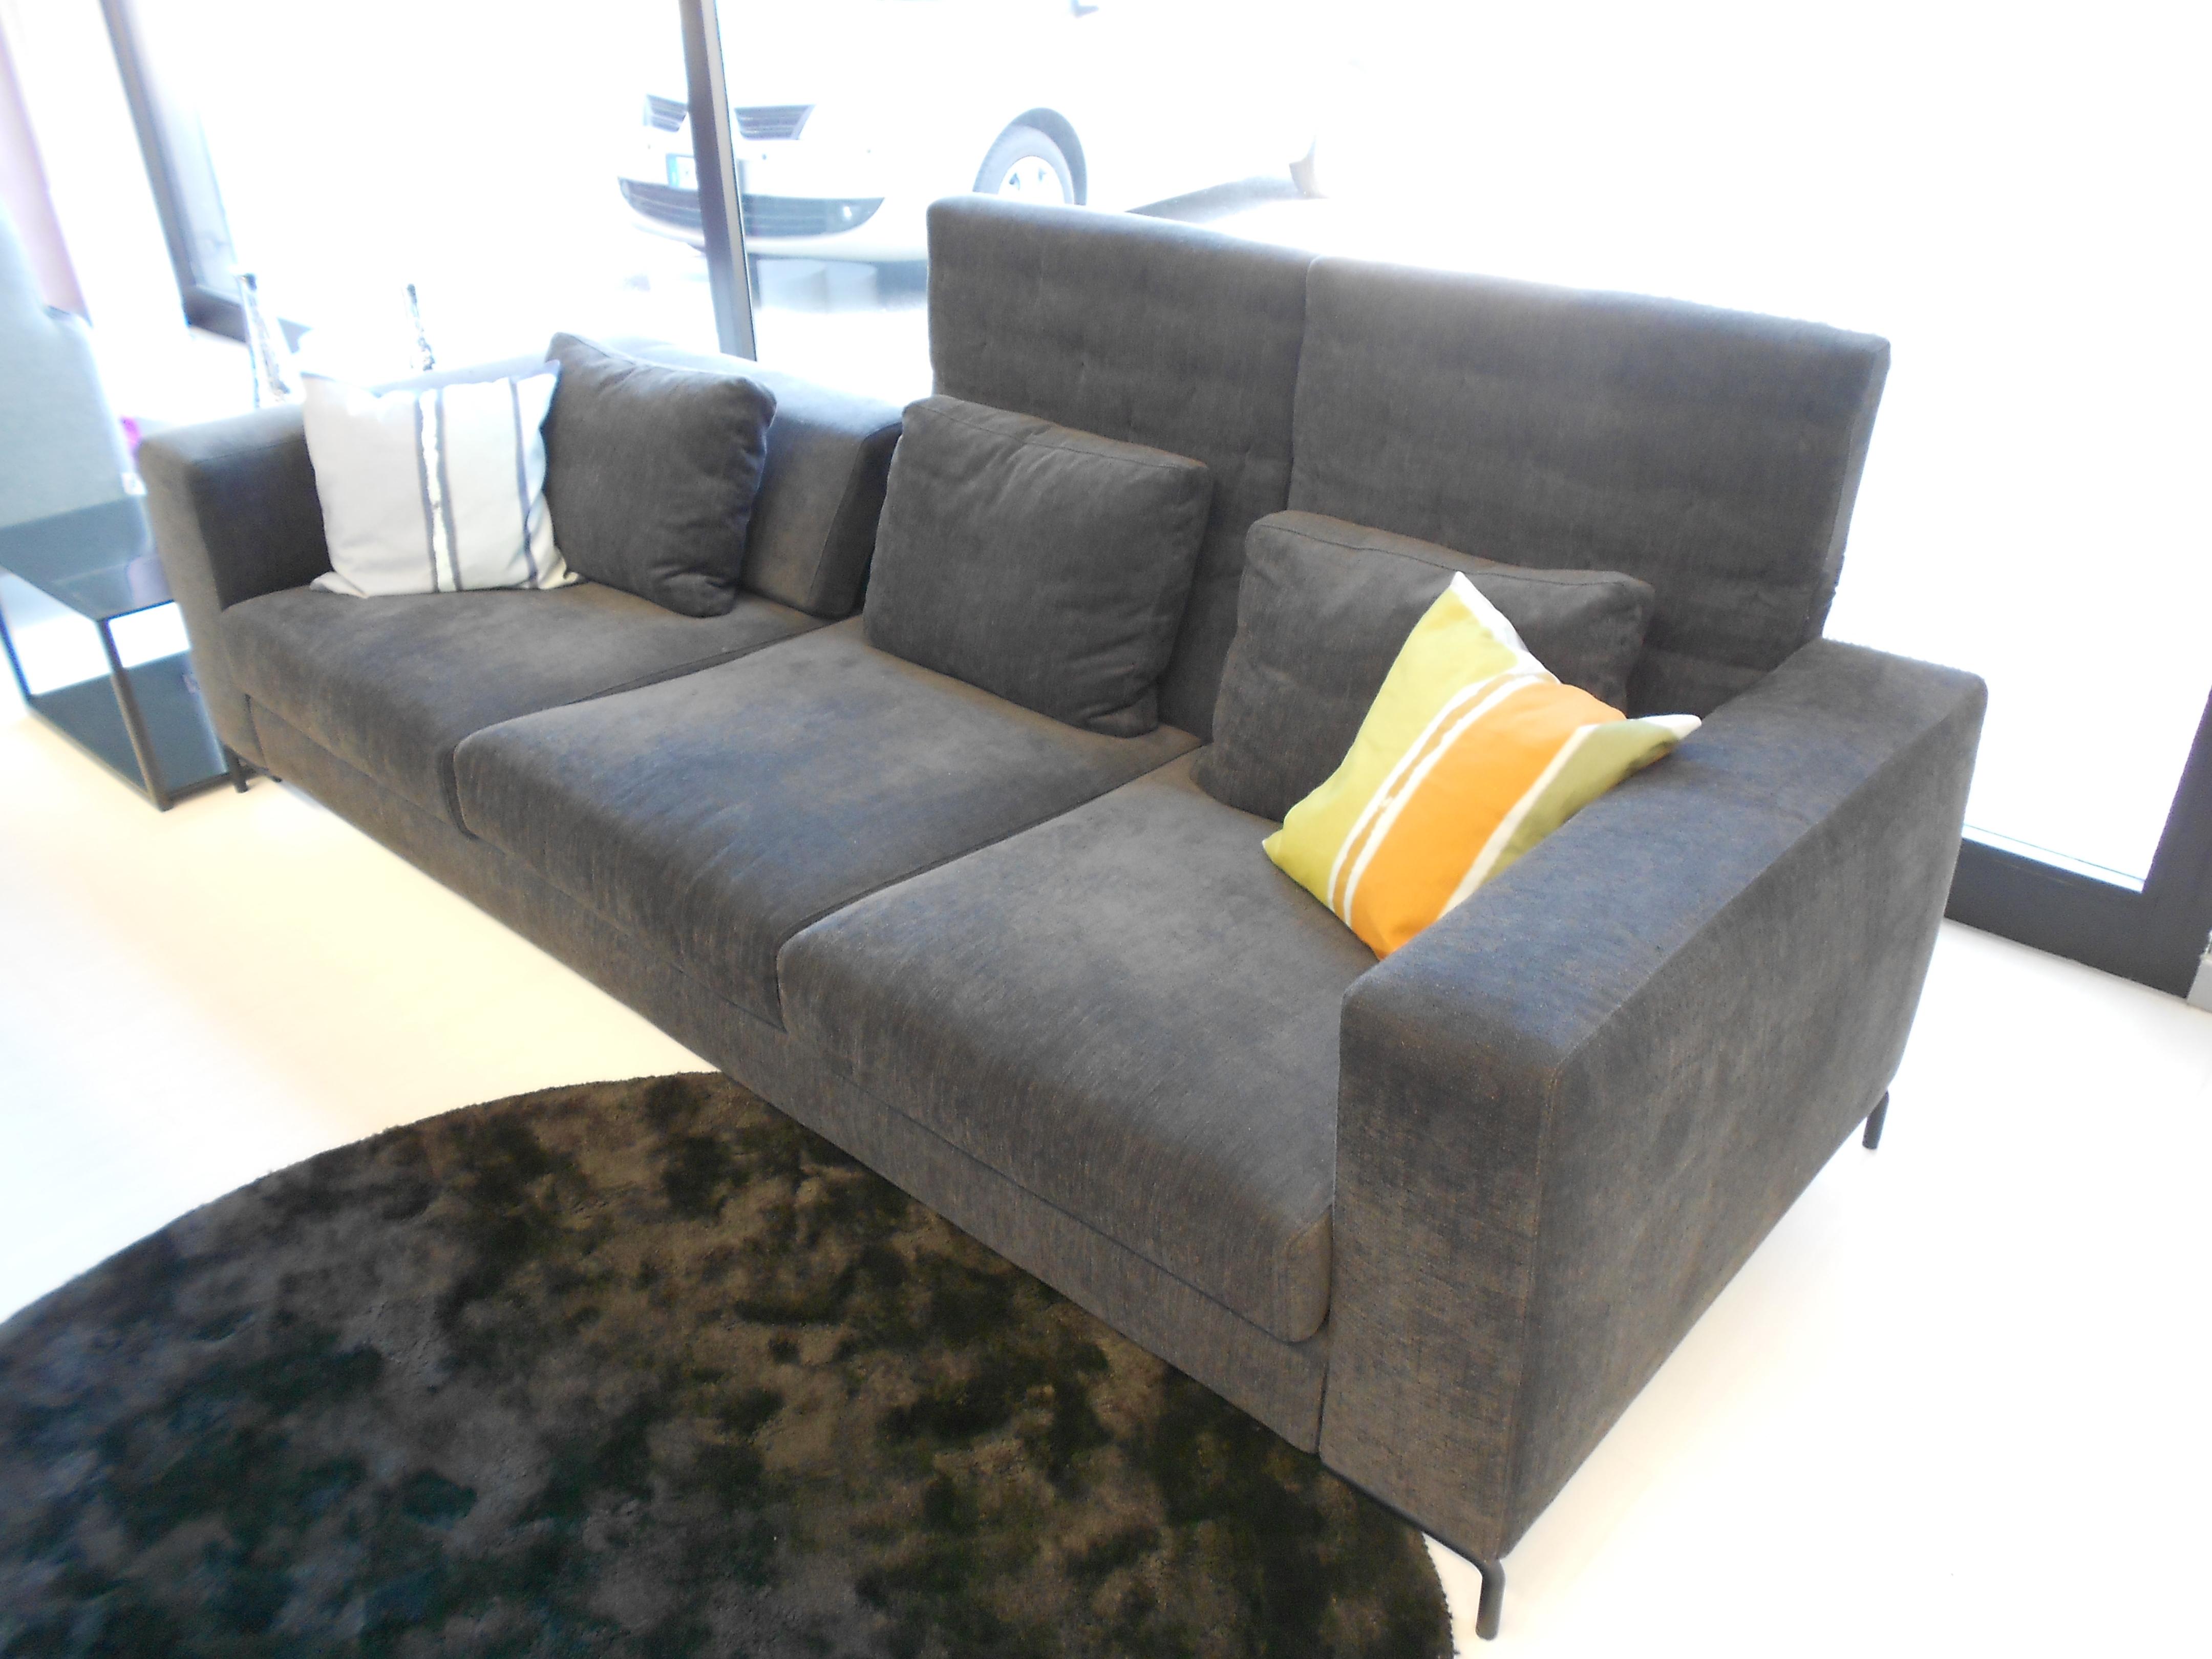 Divano con schienale regolabile arketipo egadi scontato del 50 divani a prezzi scontati - Schienale divano ...